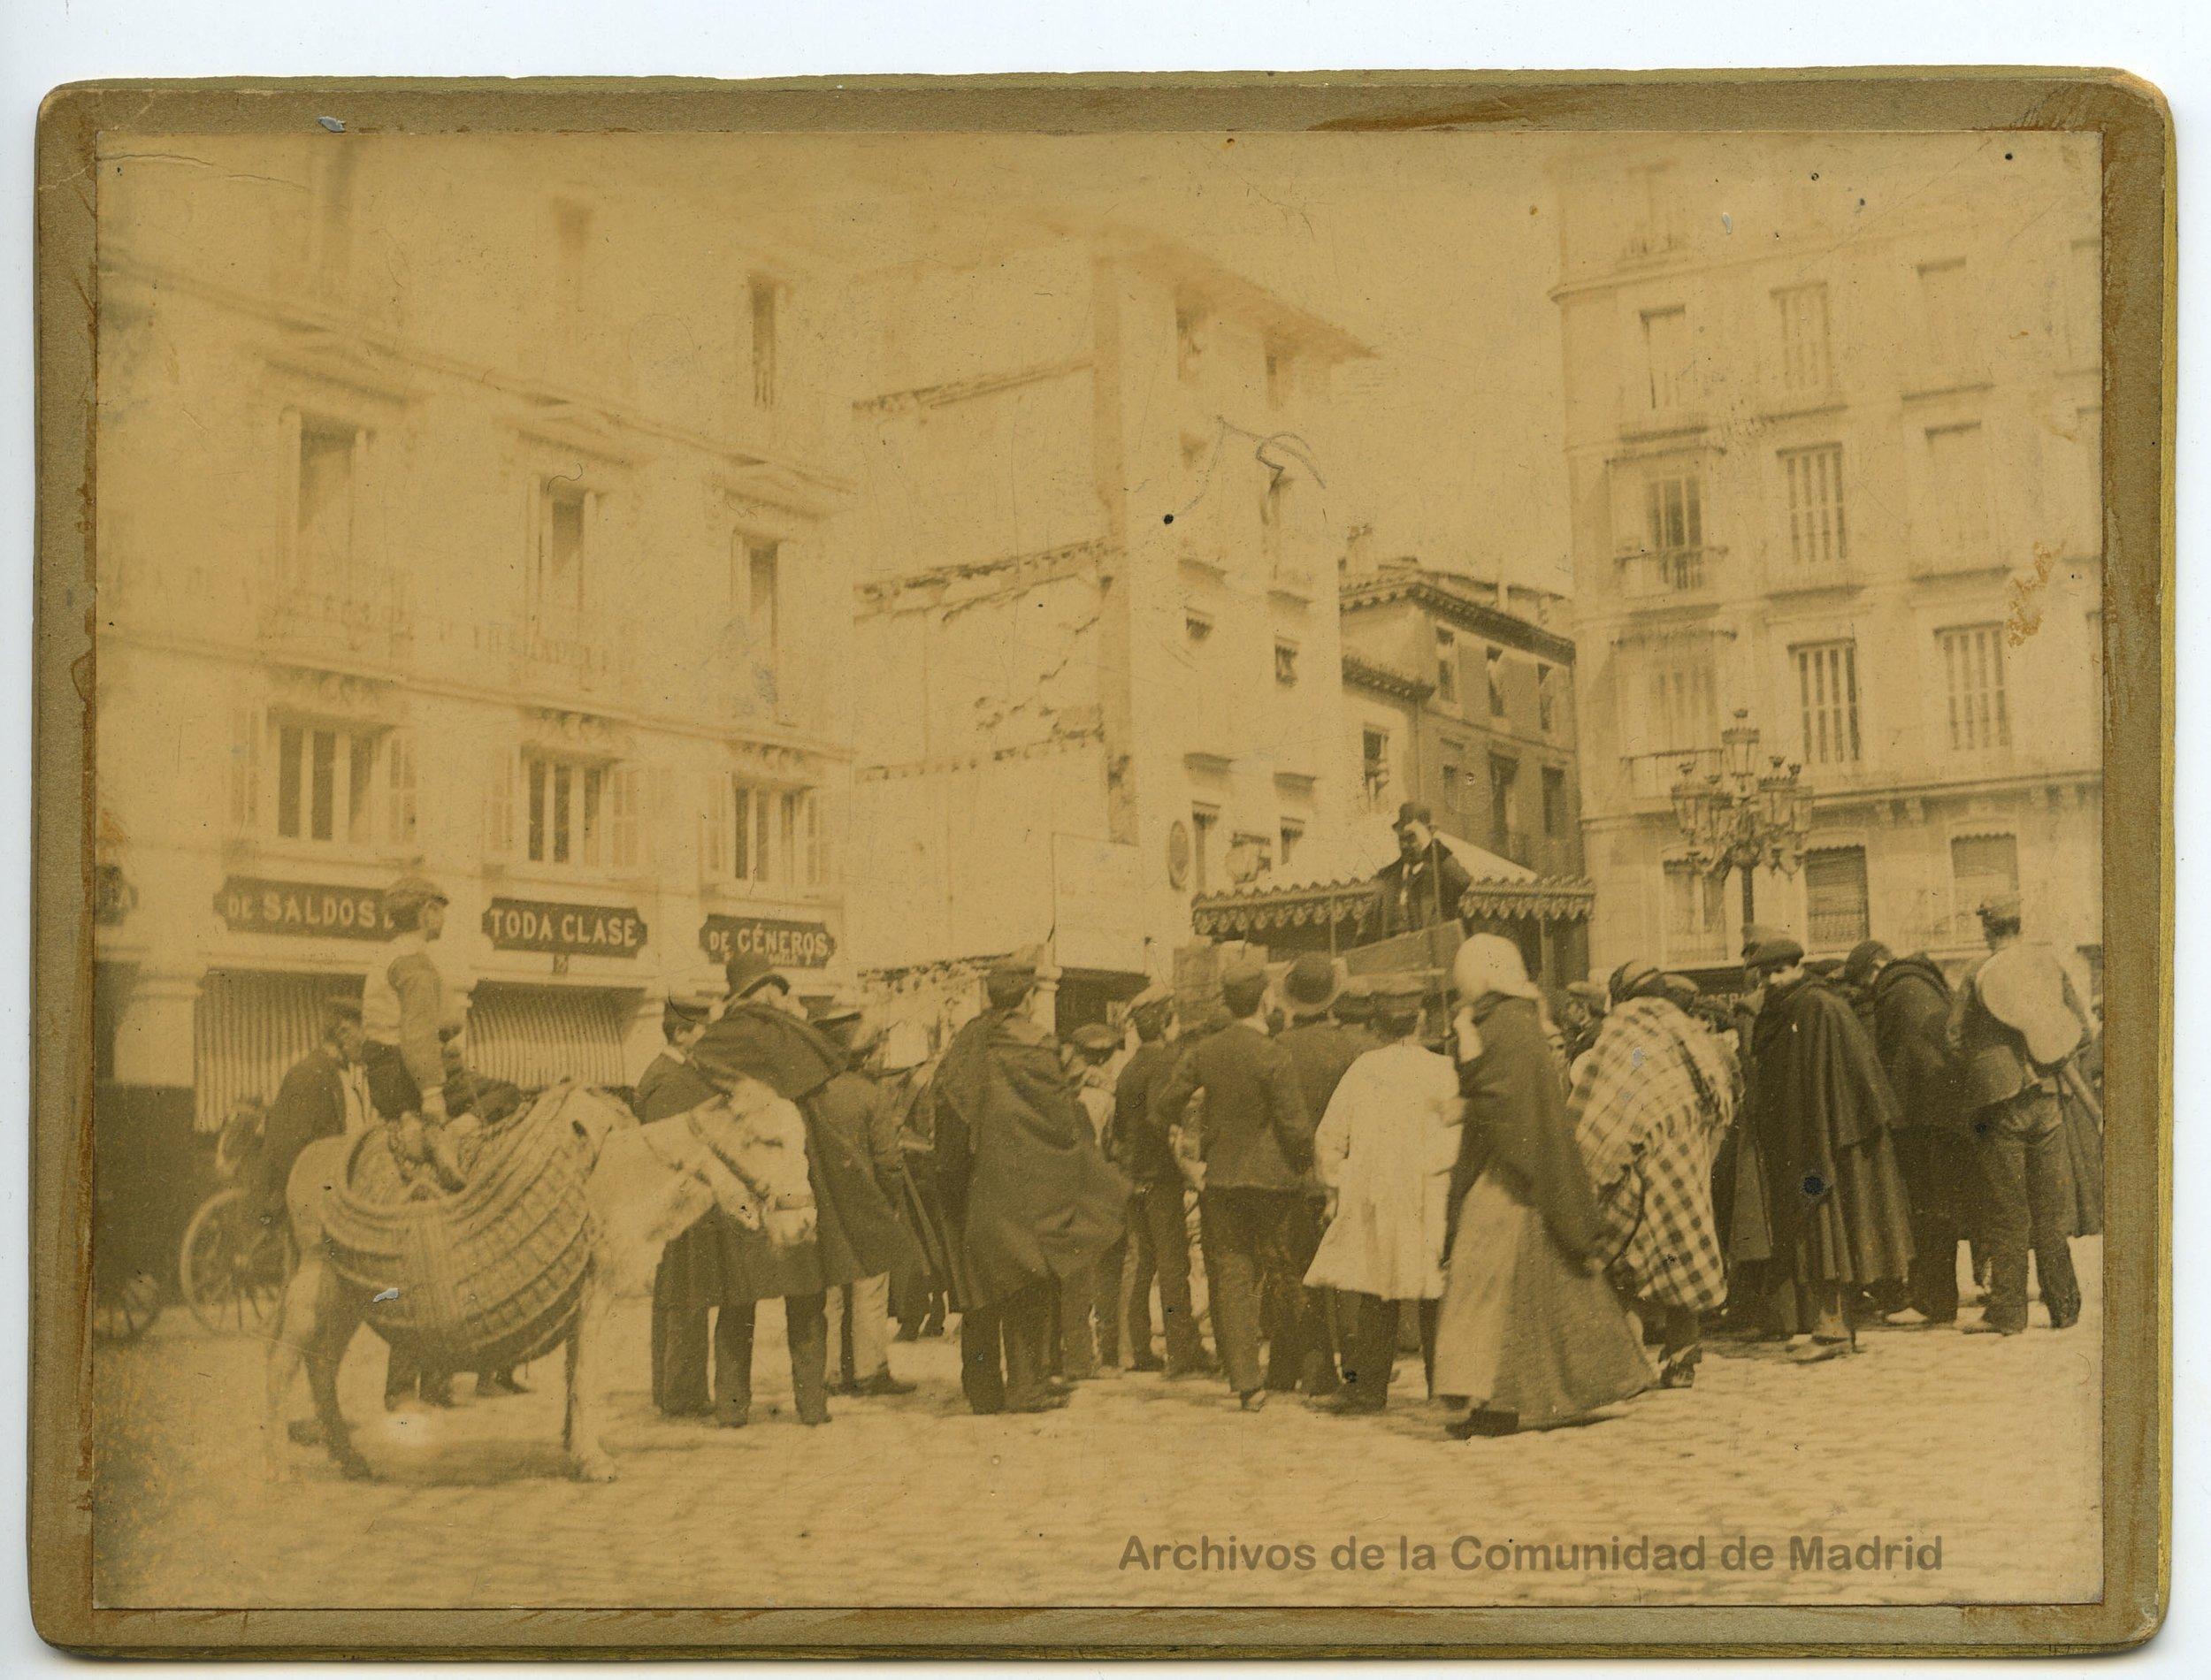 Charlatán subido en un entarimado, en la plaza de Santa Cruz, 6 con vuelta a la calle San Cristóbal, reunidos ante él, distintos personajes del Madrid más castizo, destacando un hombre encima de un borrico con alforjas de esparto (1890). Fotografía: Juan Moya